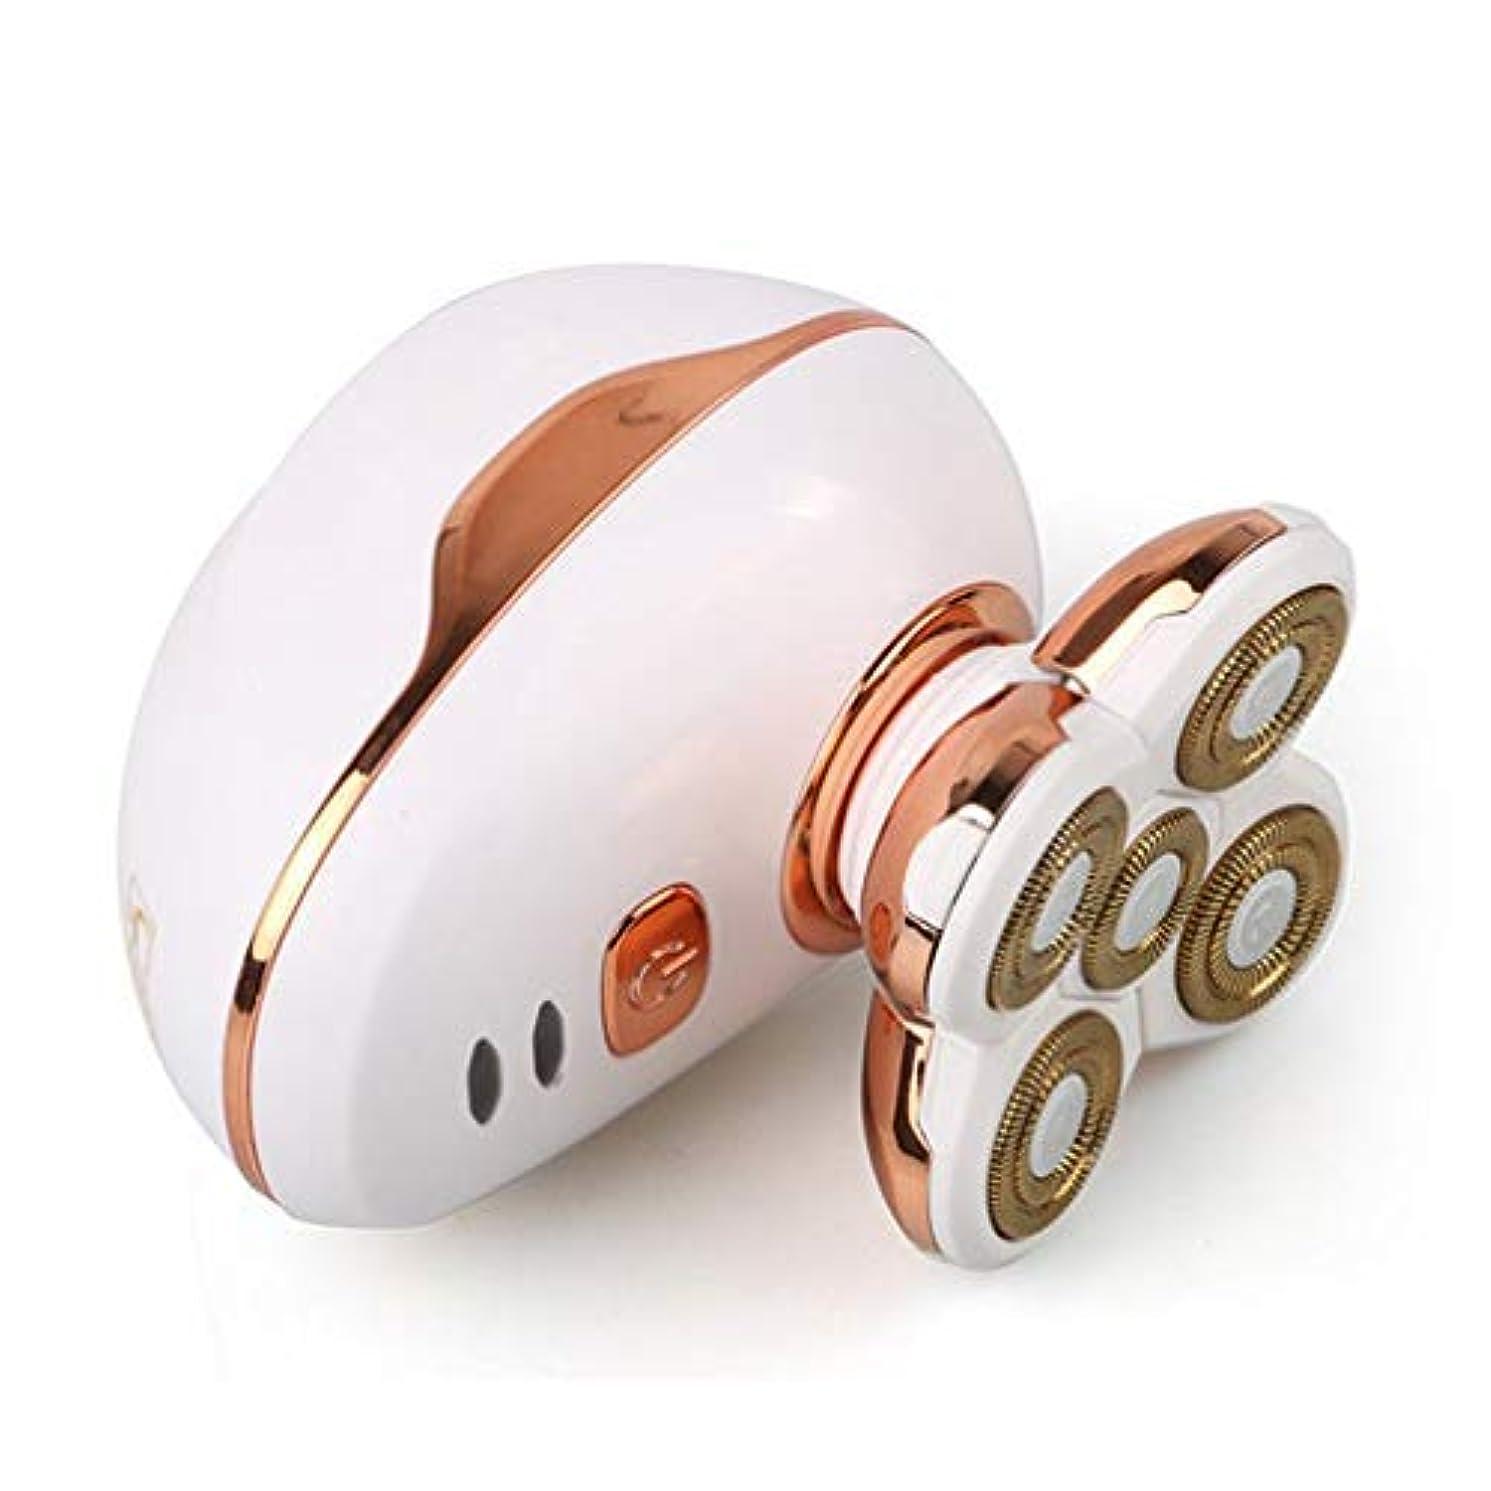 真剣に意図可動式耐久性のある一般的な5頭防水シェービング刃カミソリ電気シェーバー用USB充電式ウェットドライポータブル